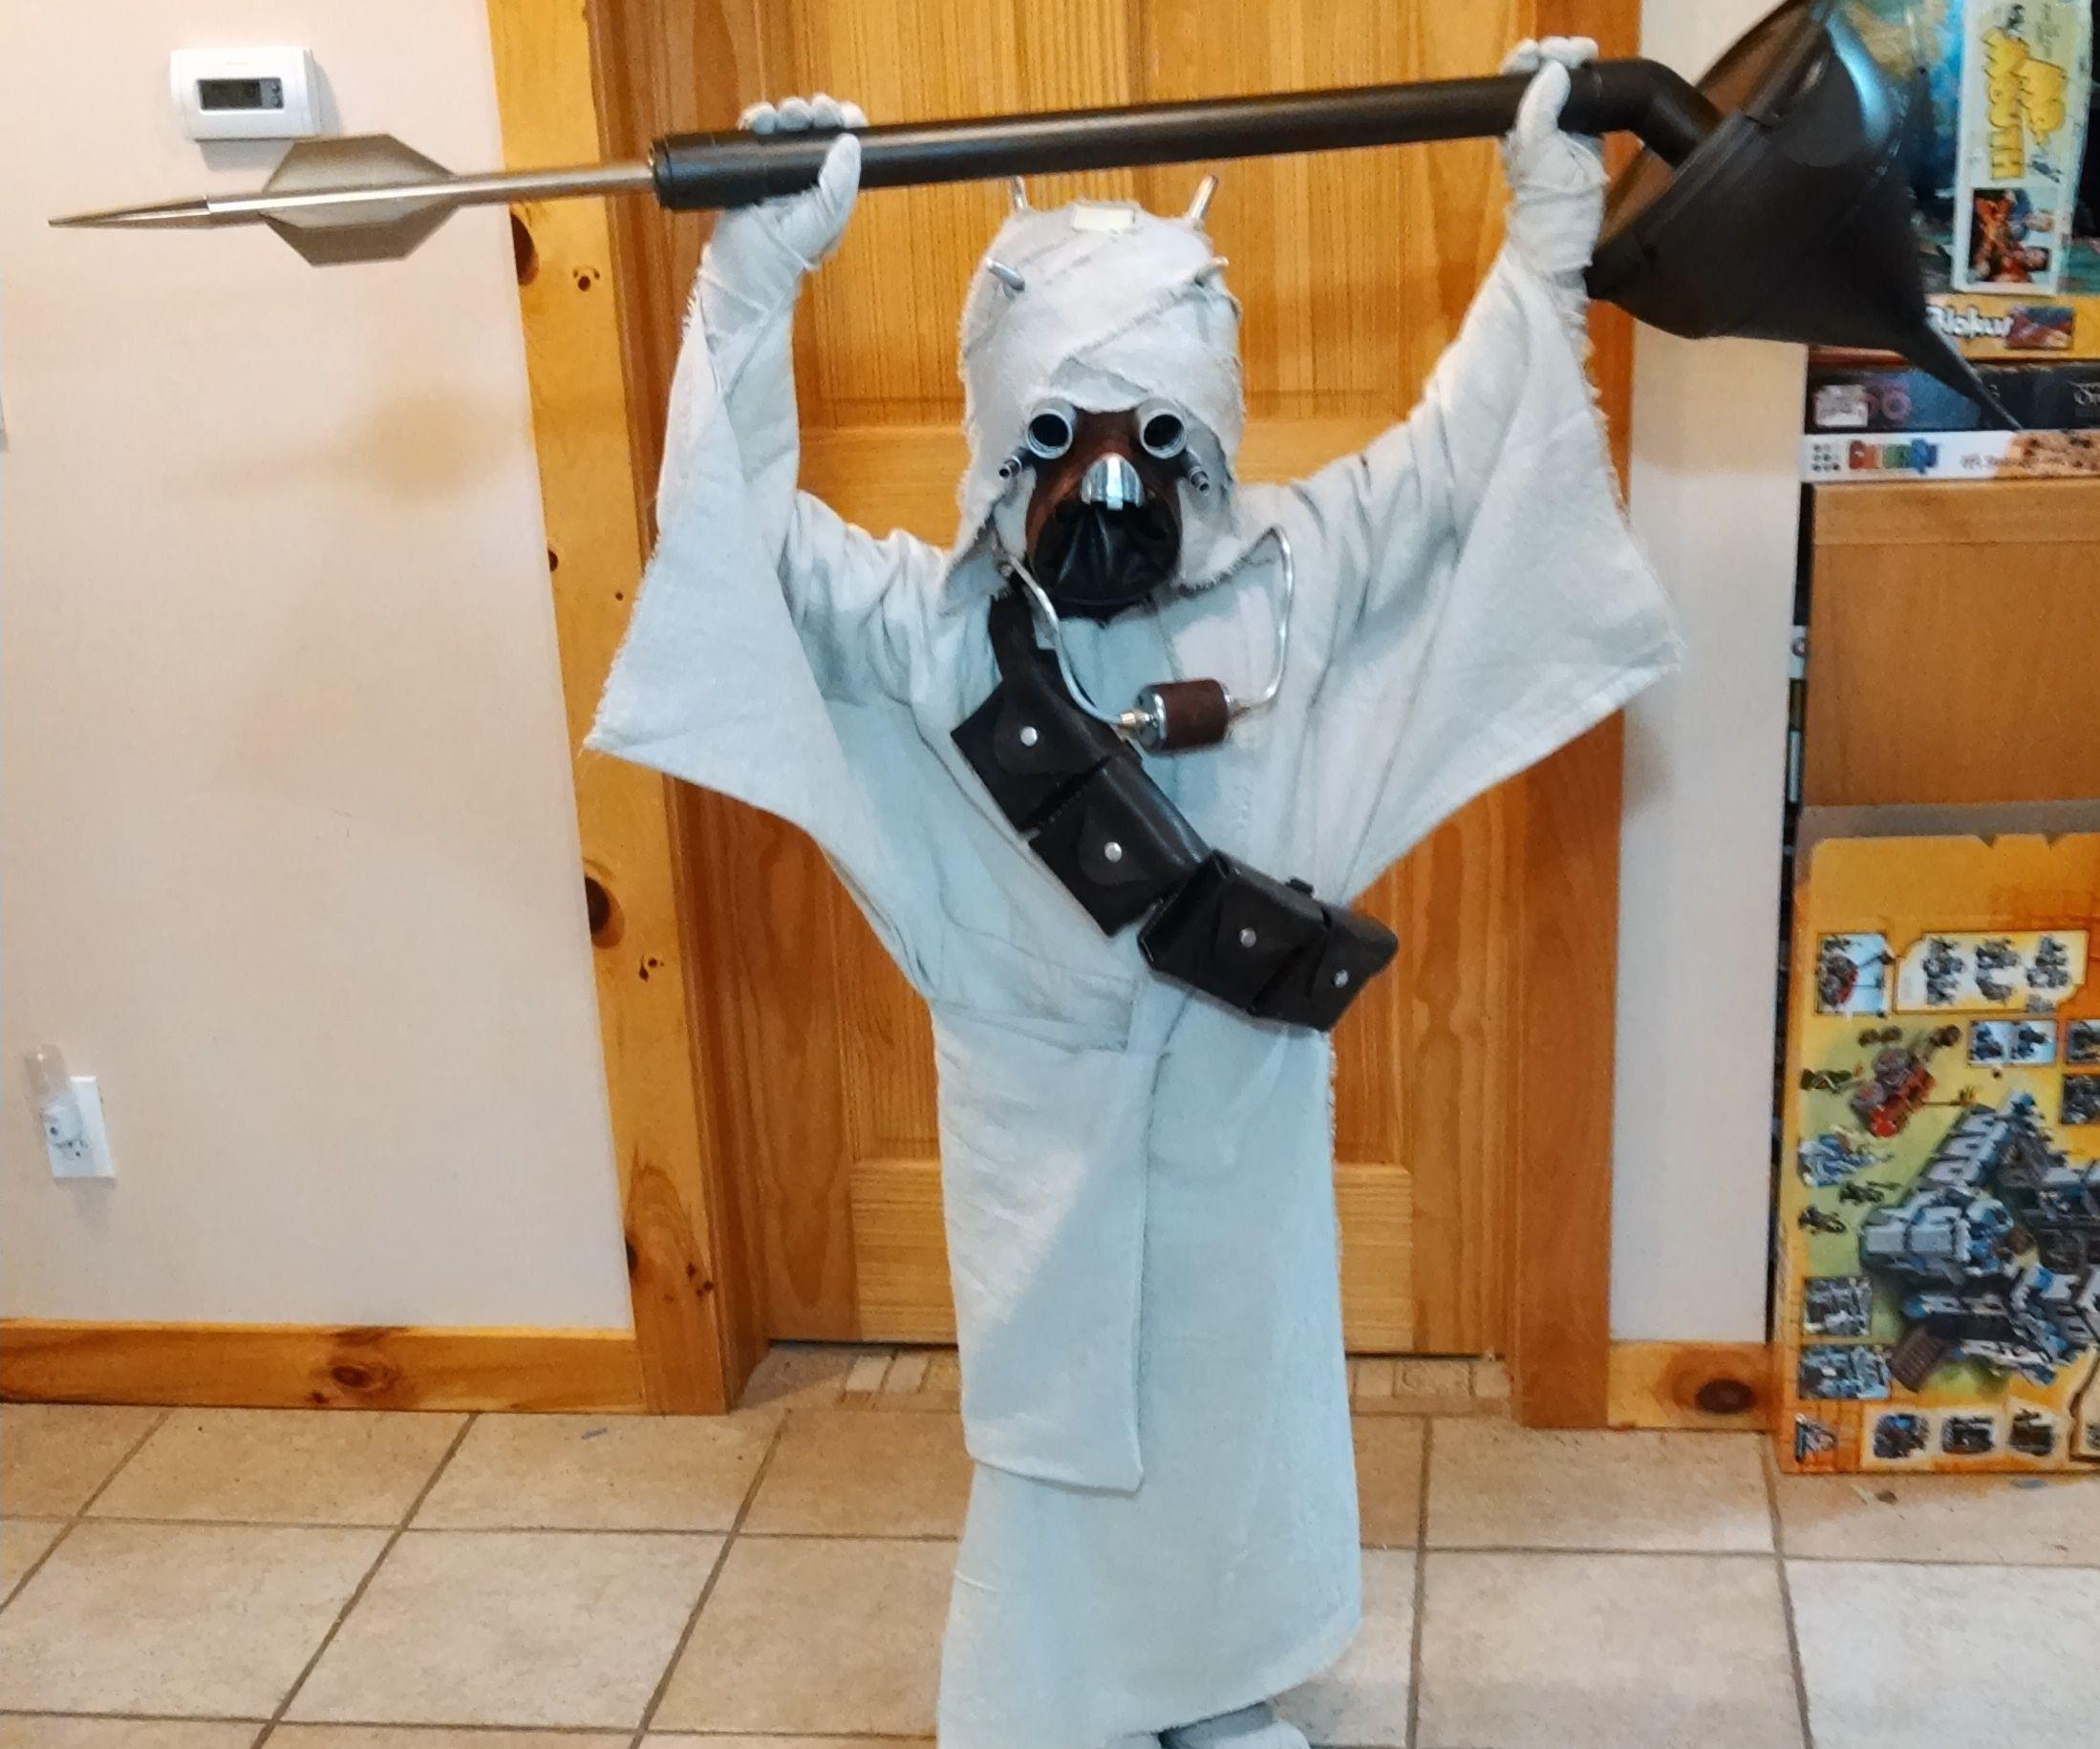 Tusken Raider/Sand Person Costume